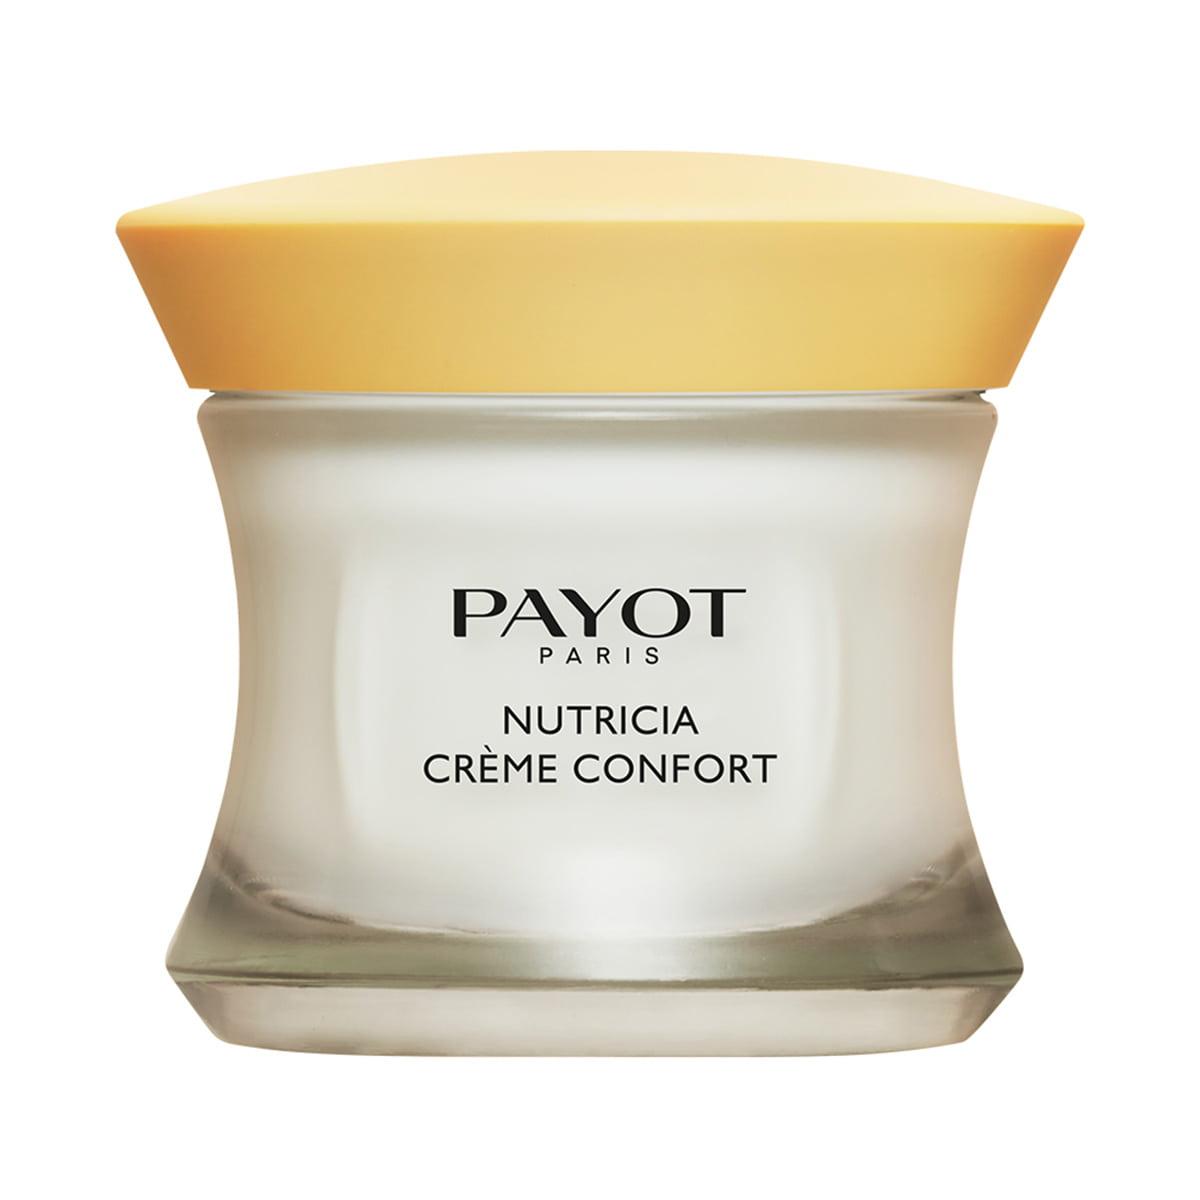 Payot - Nutricia Crème Confort - Crème nourrissante et restructurante